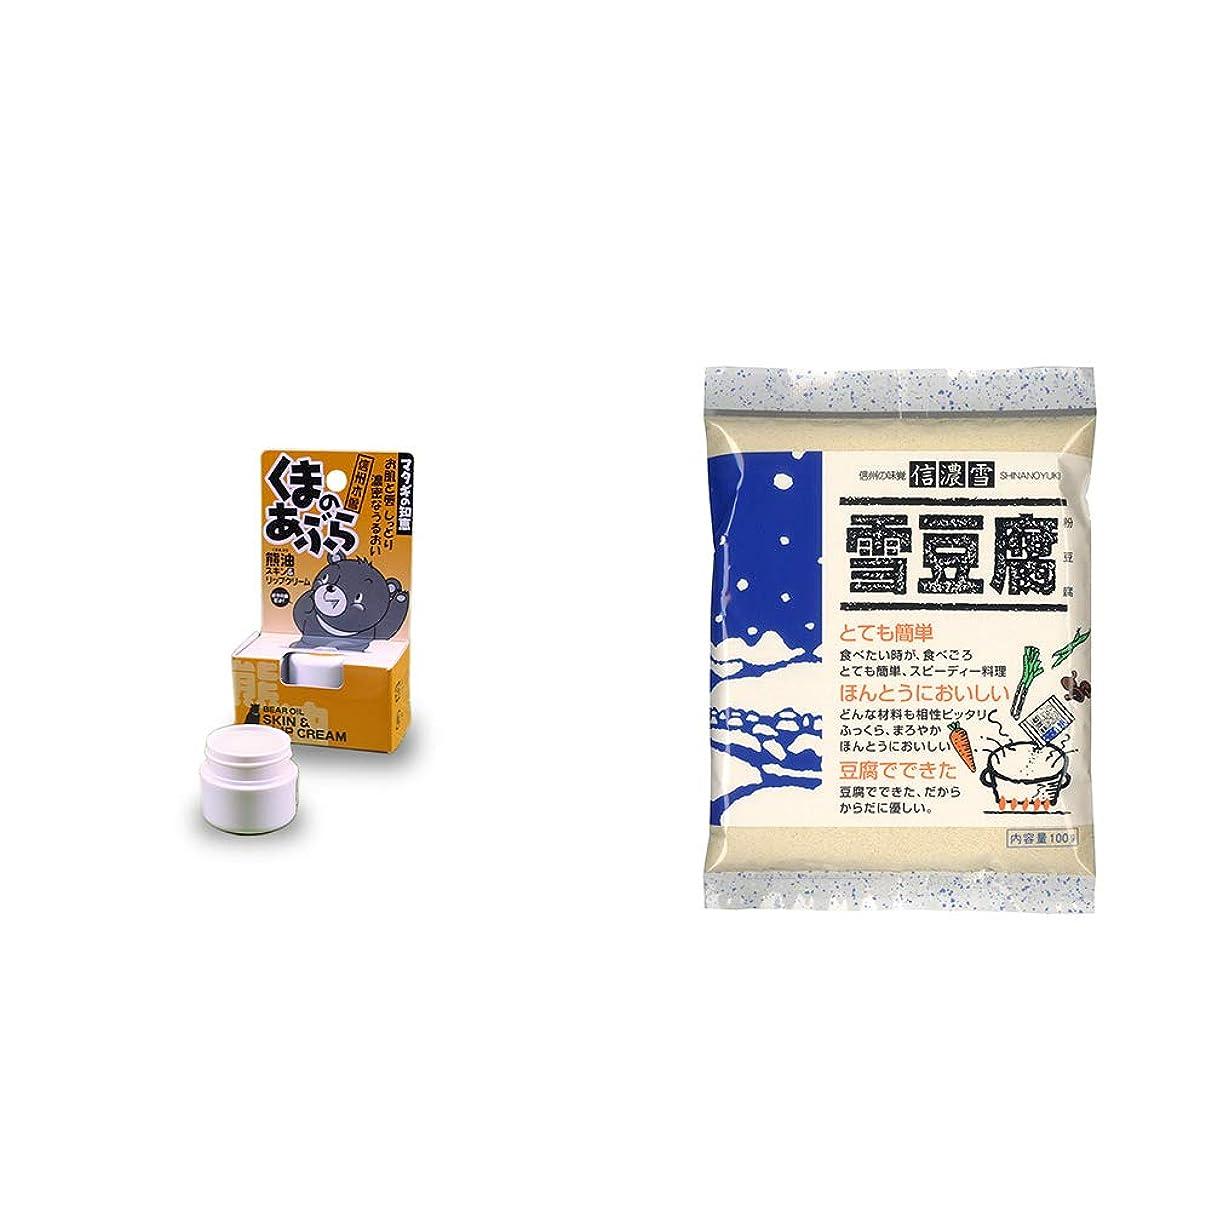 量現象ファセット[2点セット] 信州木曽 くまのあぶら 熊油スキン&リップクリーム(9g)?信濃雪 雪豆腐(粉豆腐)(100g)